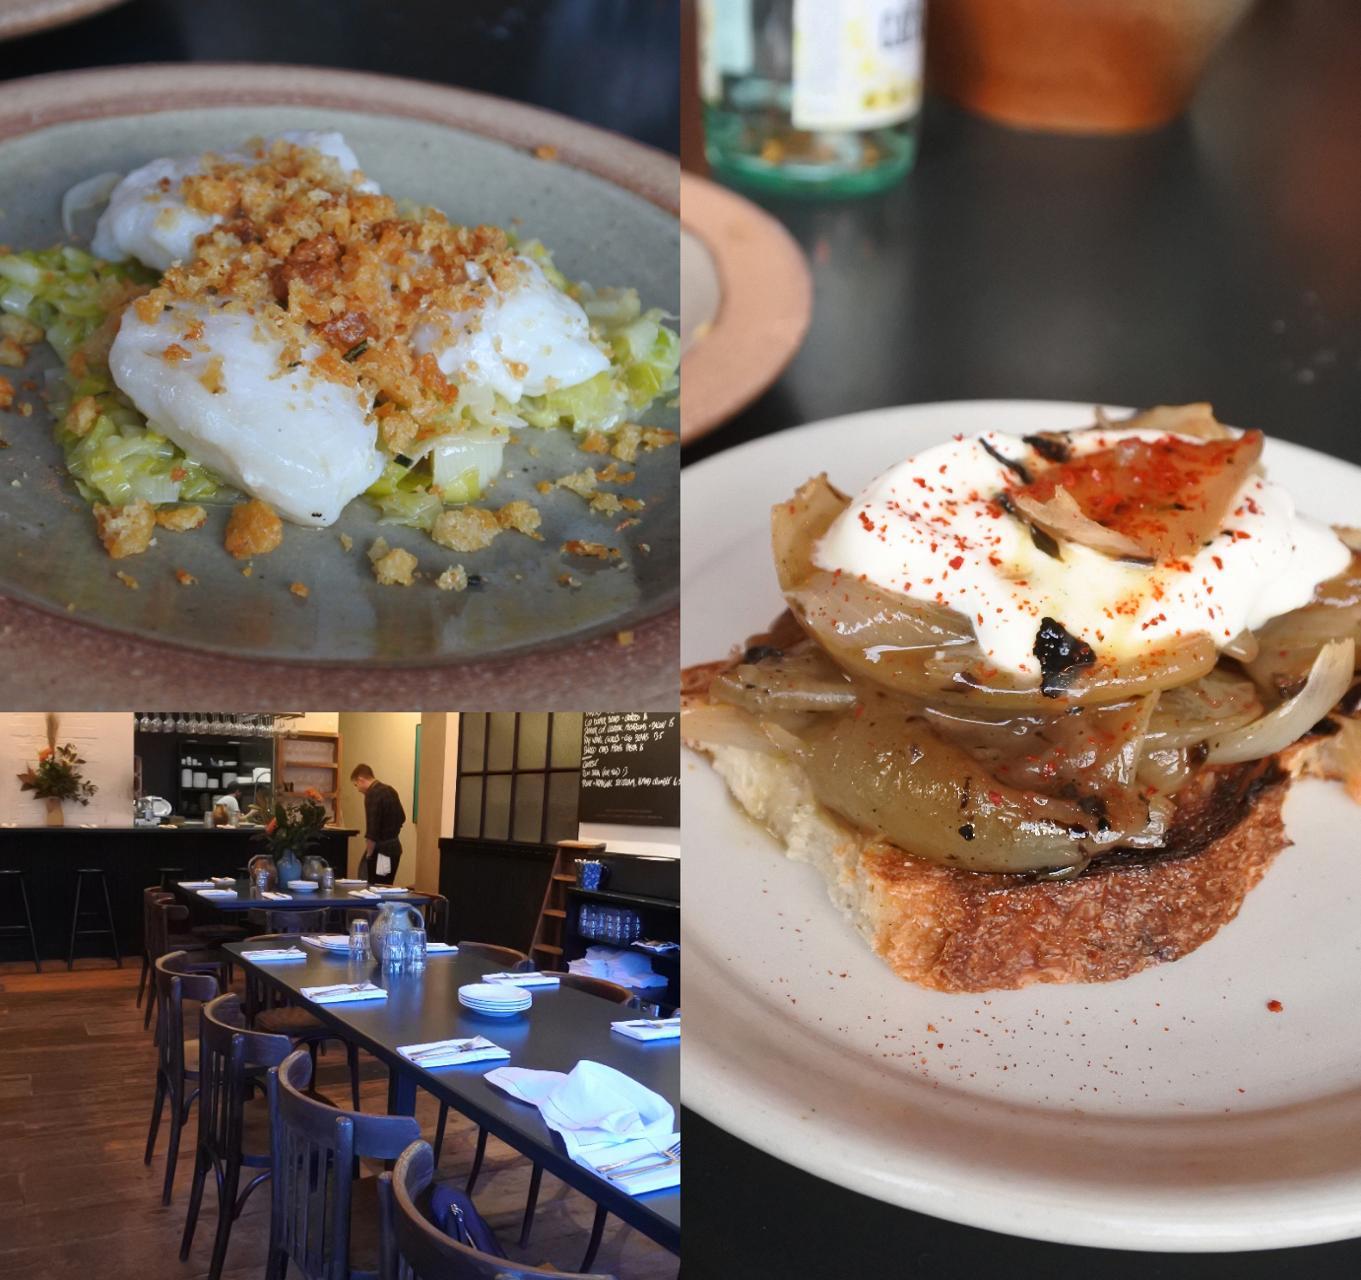 左上はコッド・チークとリークの一皿。これがいちばん好みでした! 繊細な味が引き立っています。右は玉ねぎのオープンサンド! これも美味しかったです ^^